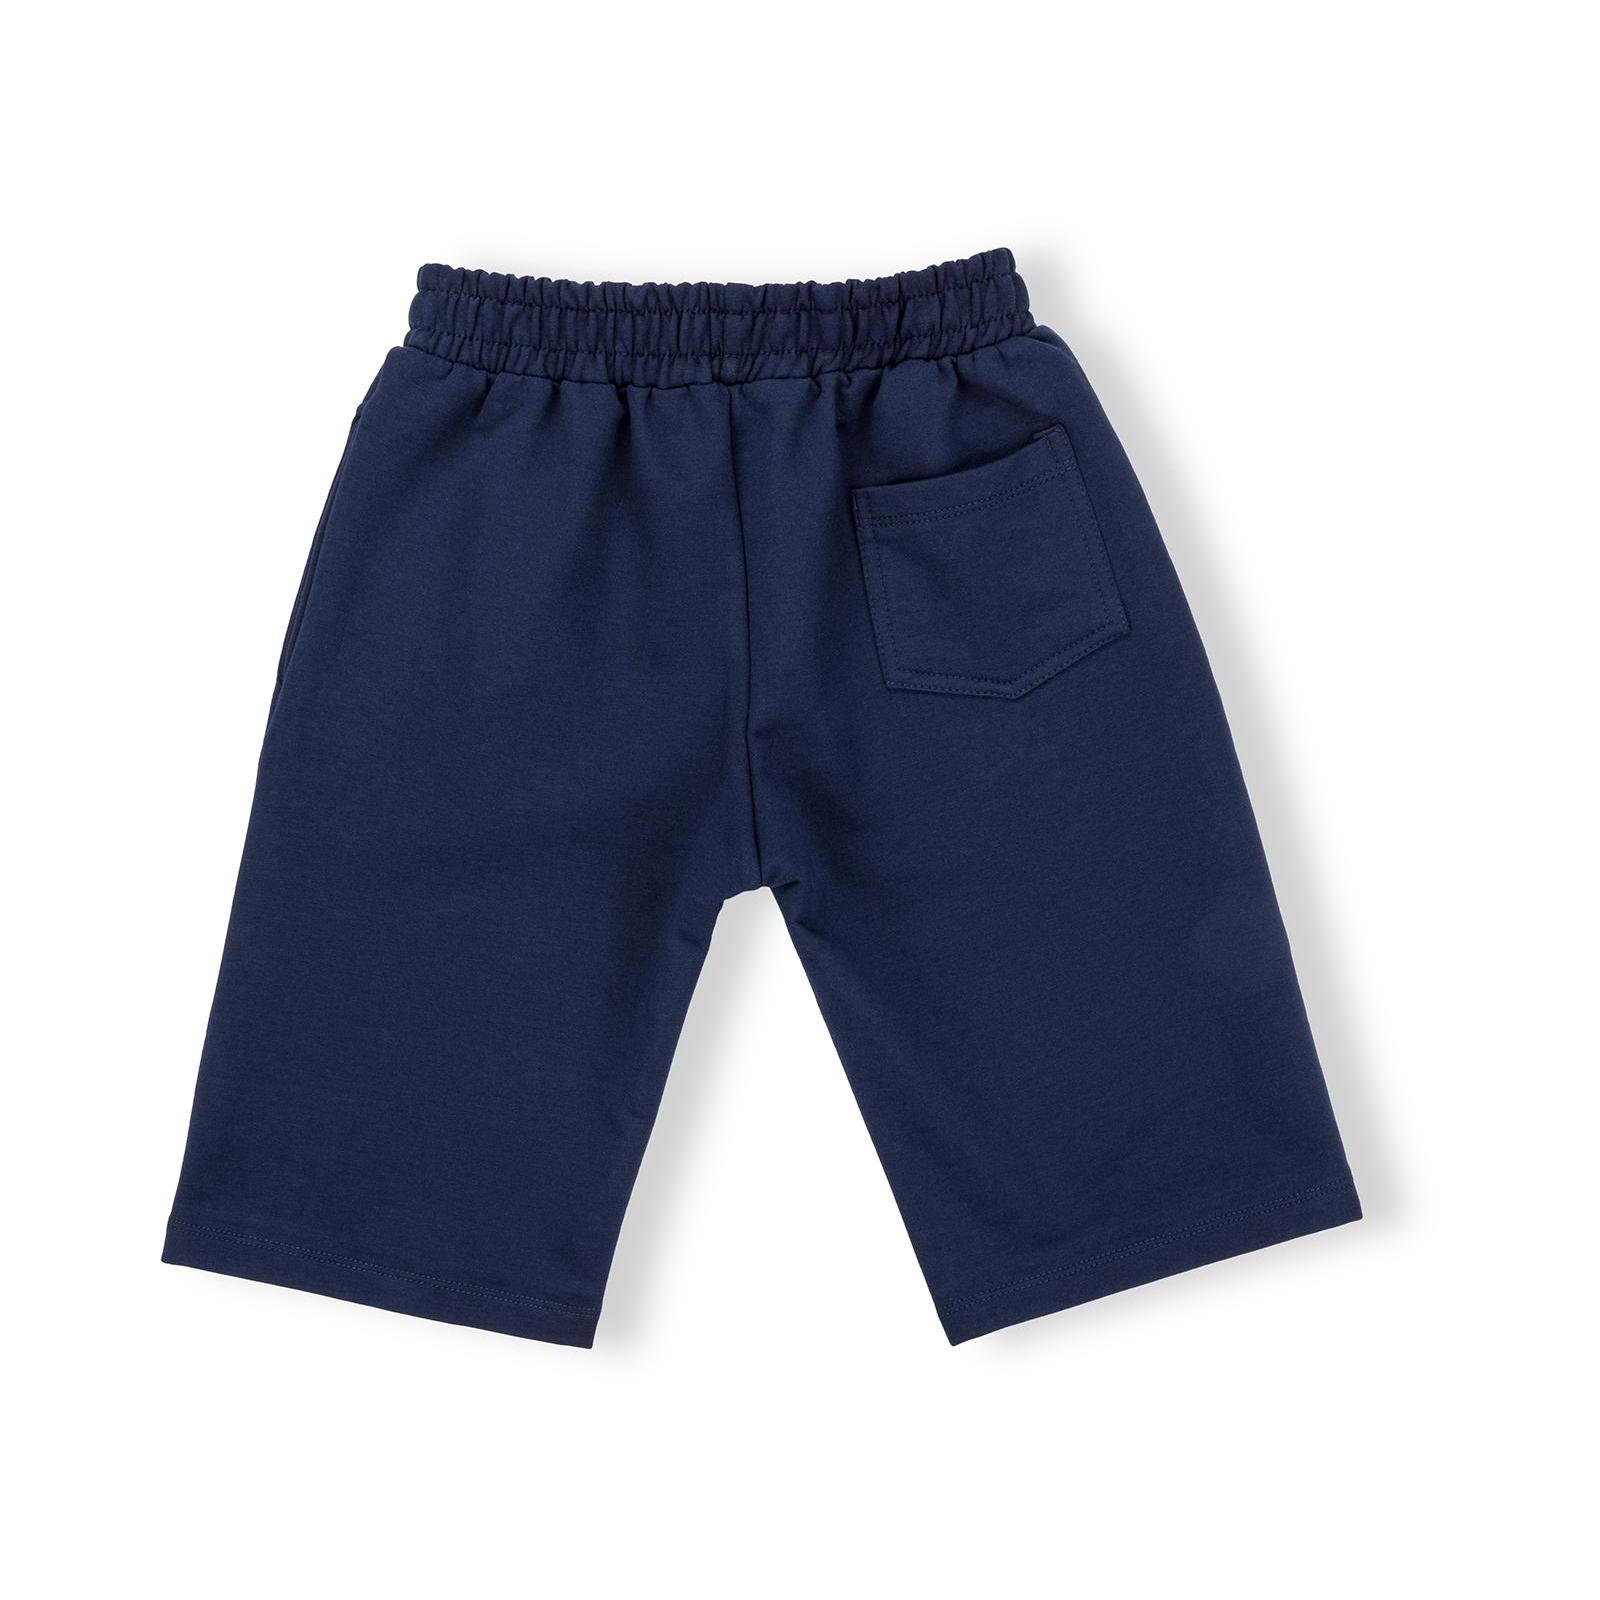 Шорты Breeze трикотажные с карманами (10755-164B-blue) изображение 2